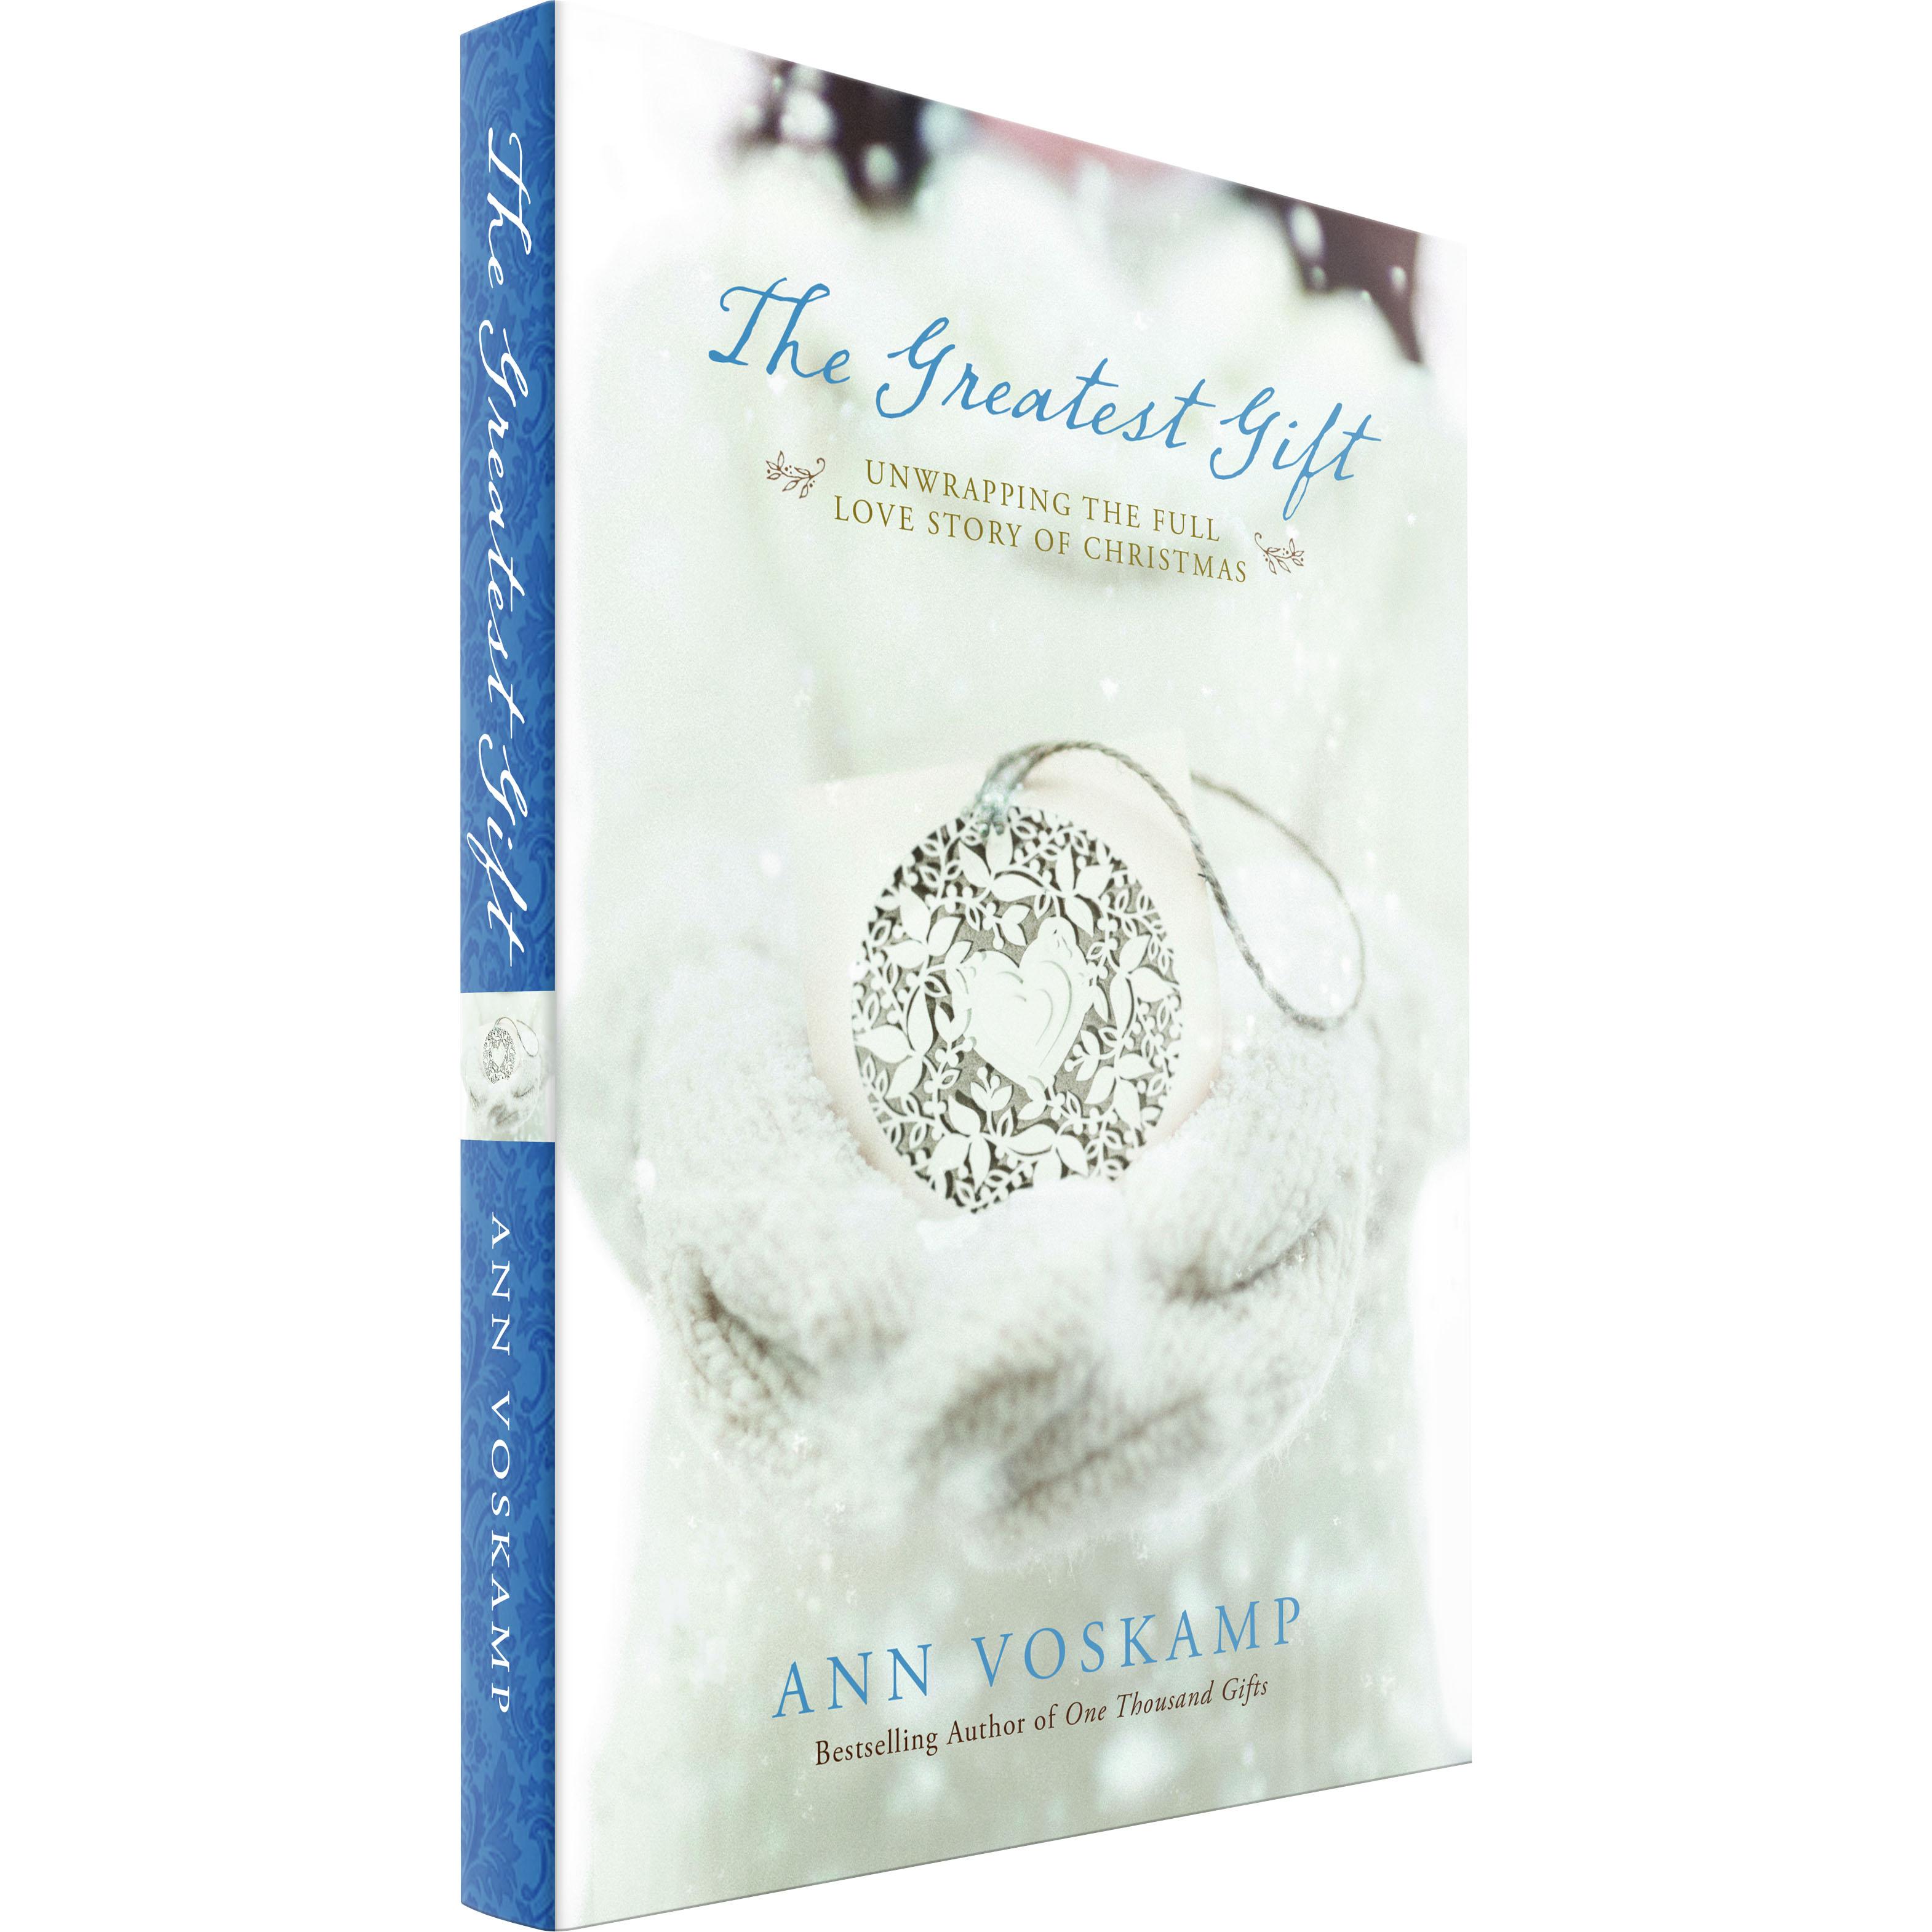 The Greatest Gift (Ann Voskamp) PAPERBACK